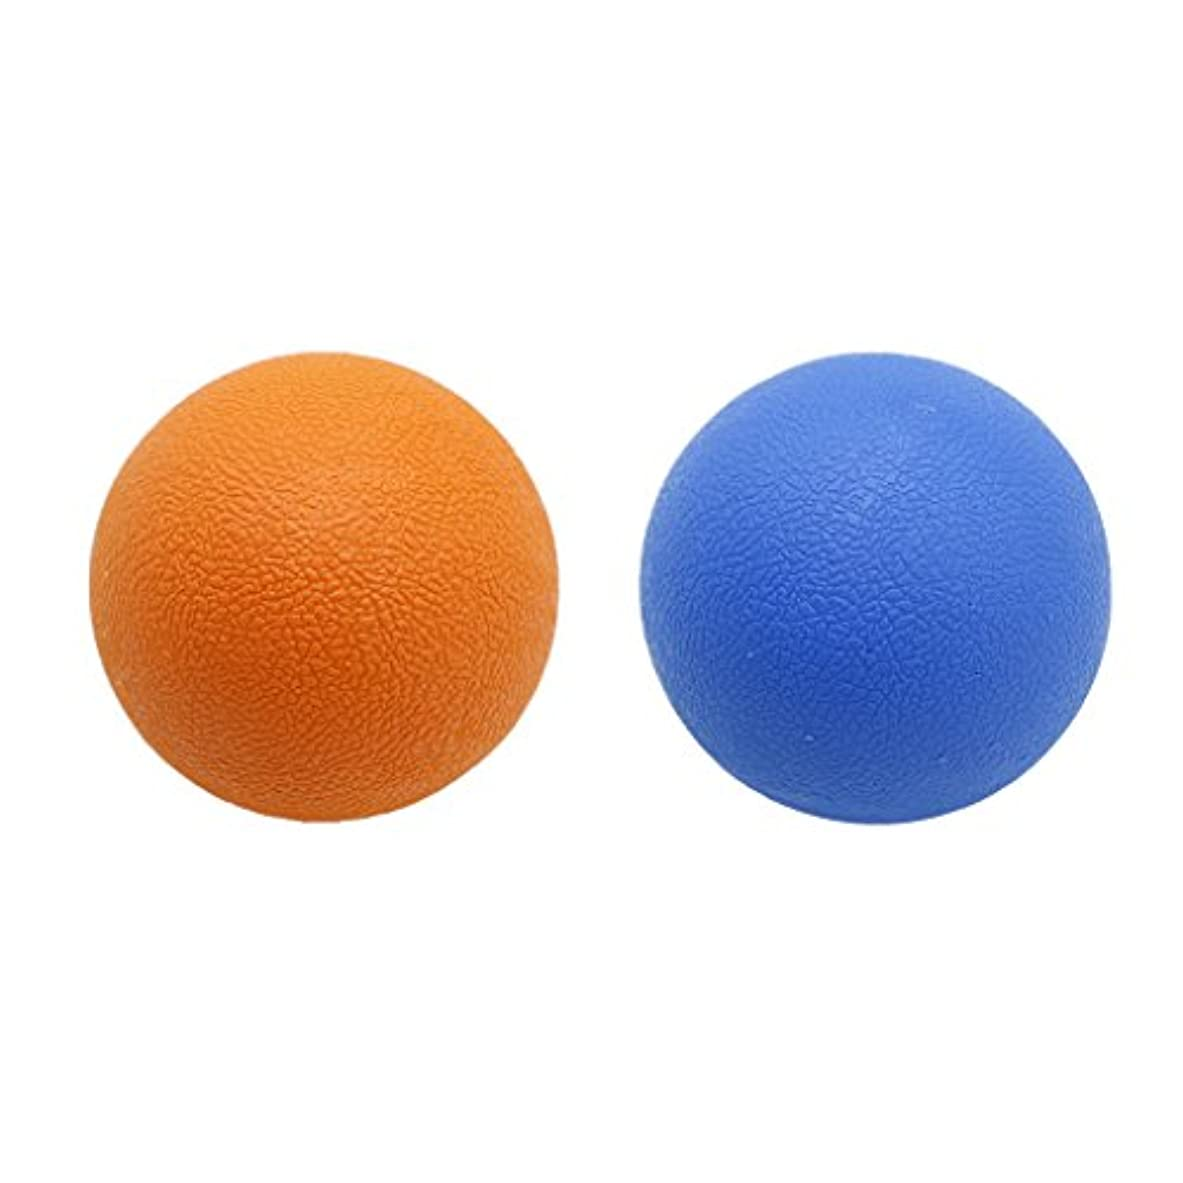 ベジタリアン強調する餌Perfk 2個 マッサージボール ストレッチボール トリガーポイント トレーニング マッサージ リラックス 便利 多色選べる - オレンジブルー